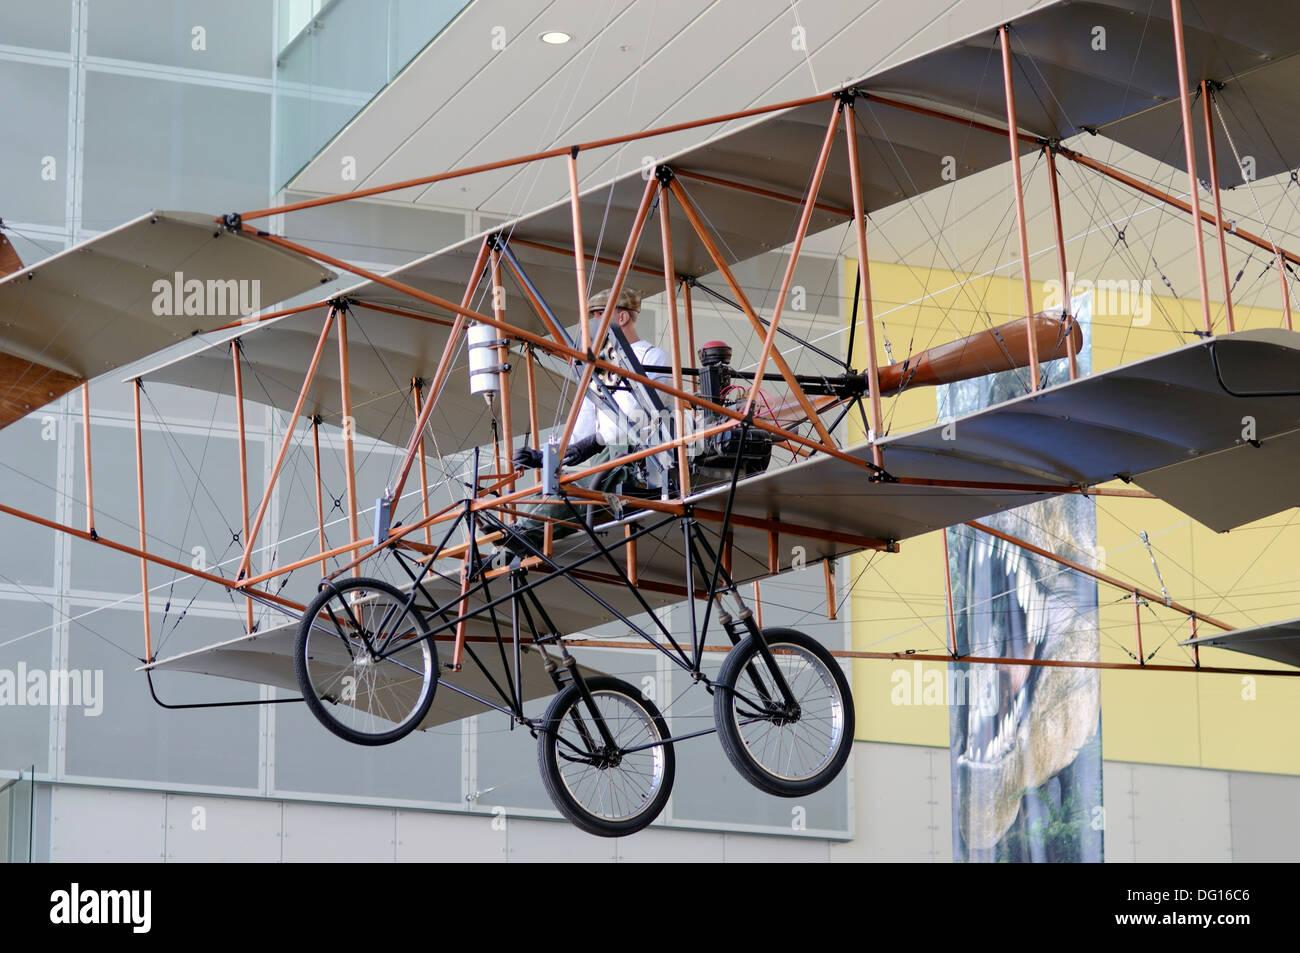 bi-plane exhibit, victoria museum melbourne victoria australia - Stock Image